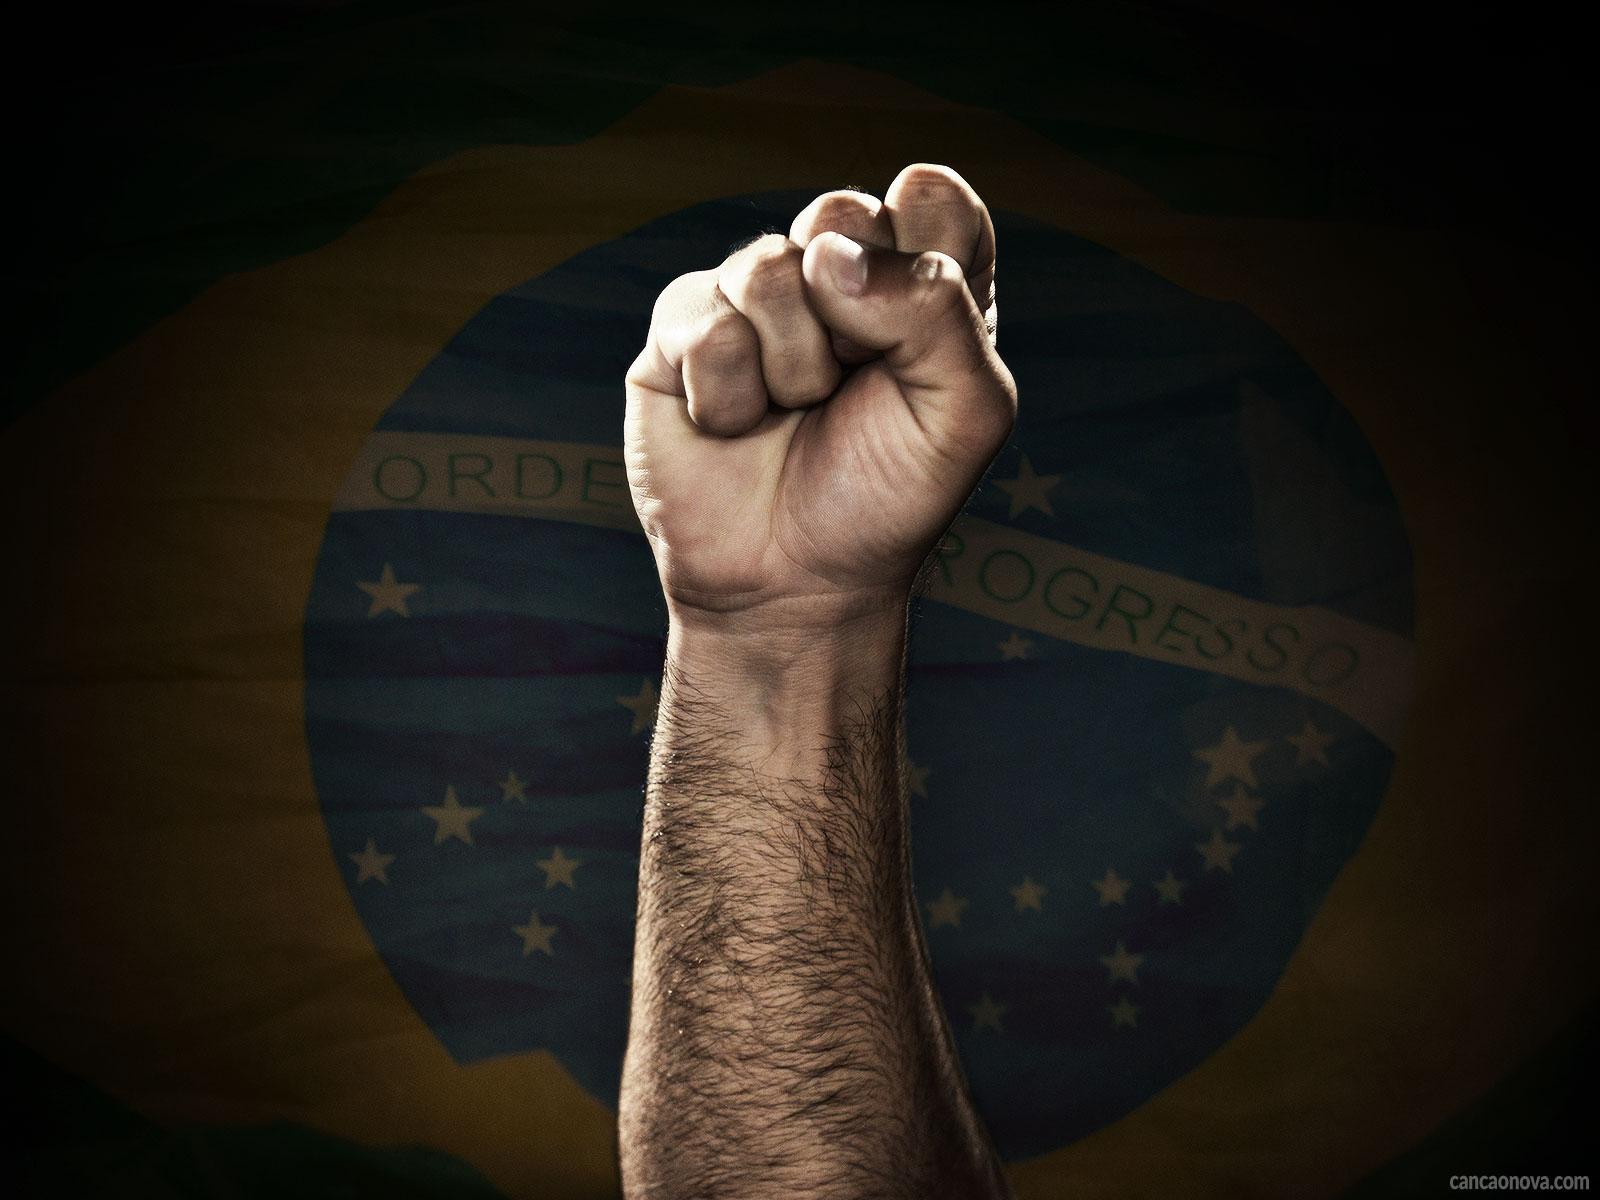 -Realidade-brasileira:-poucos-aceitam-abrir-mão-e-abrir-a-mão-